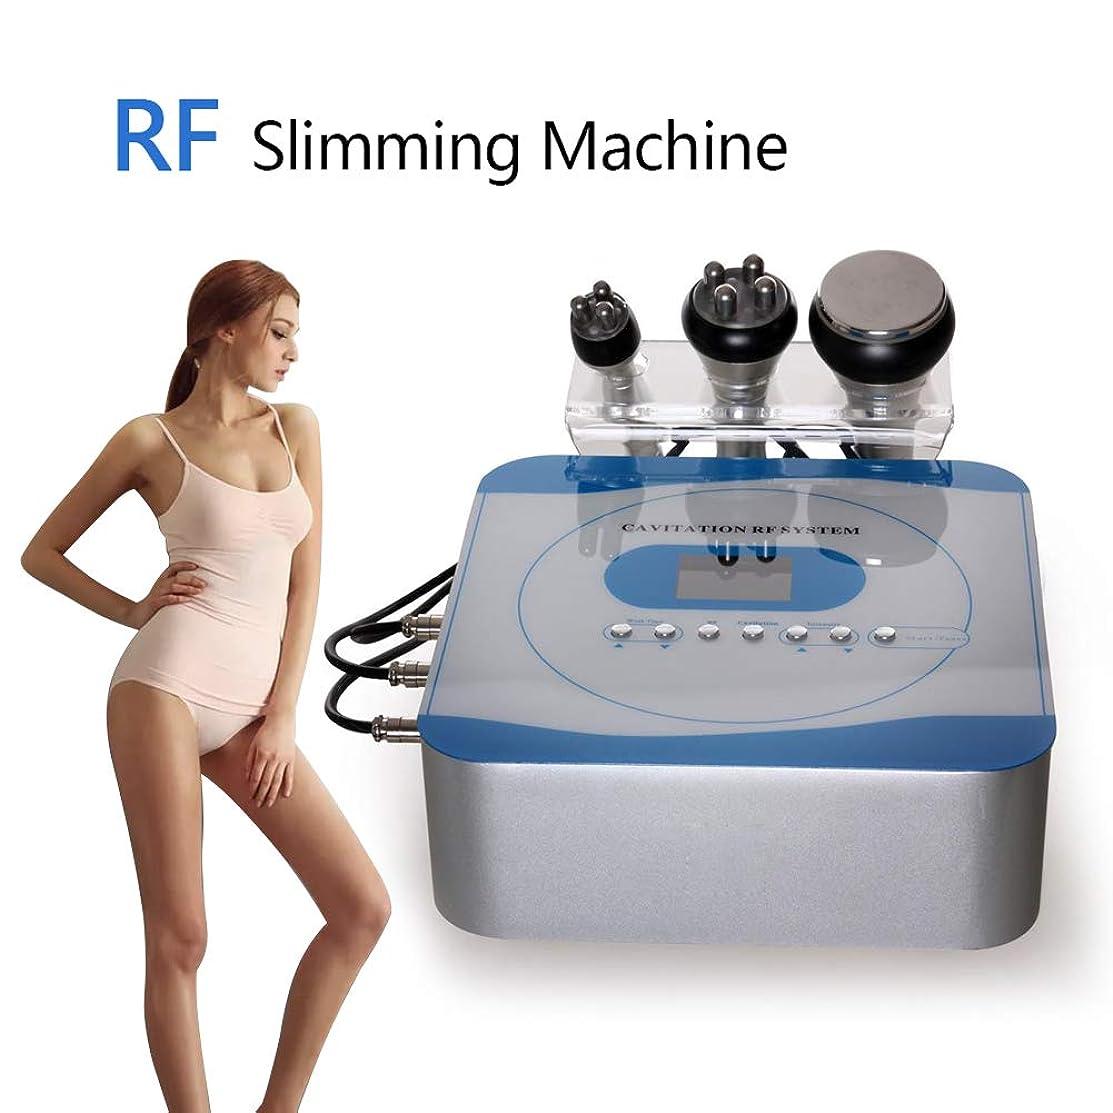 調整する正当な一族1つのRFボディ形成のマッサージャーに付き3つ、 顔用美容機、 細い機械をきつく締める腹部の脂肪質の取り外しの皮 脂肪計ボディマッサージ スキンリフティング美容機